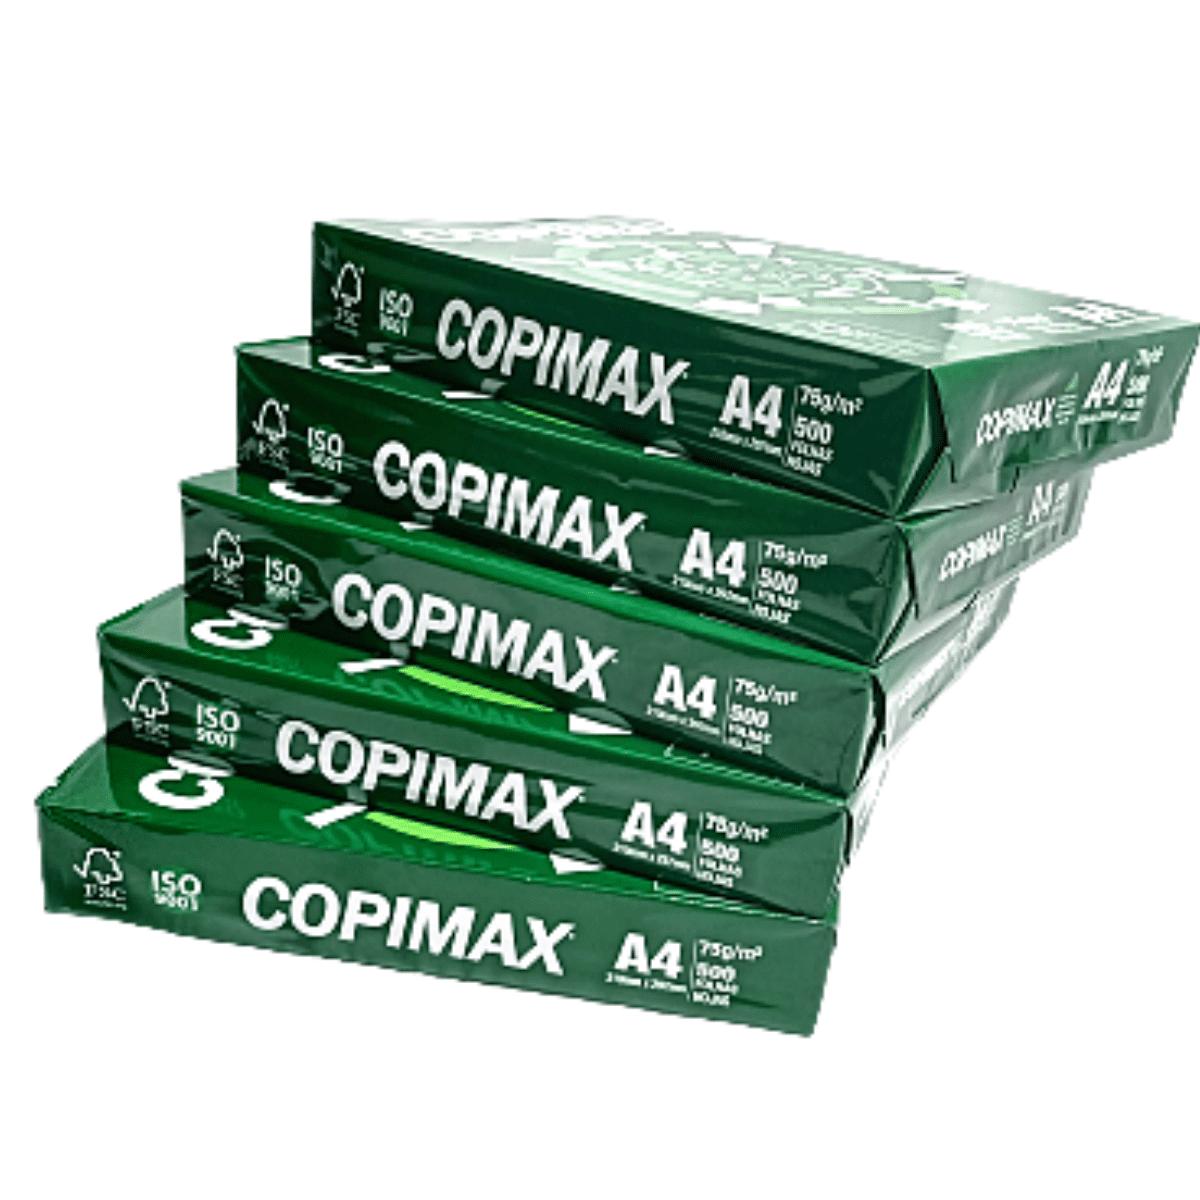 Kit Papel Sulfite CopiMax c/ 2500 folhas